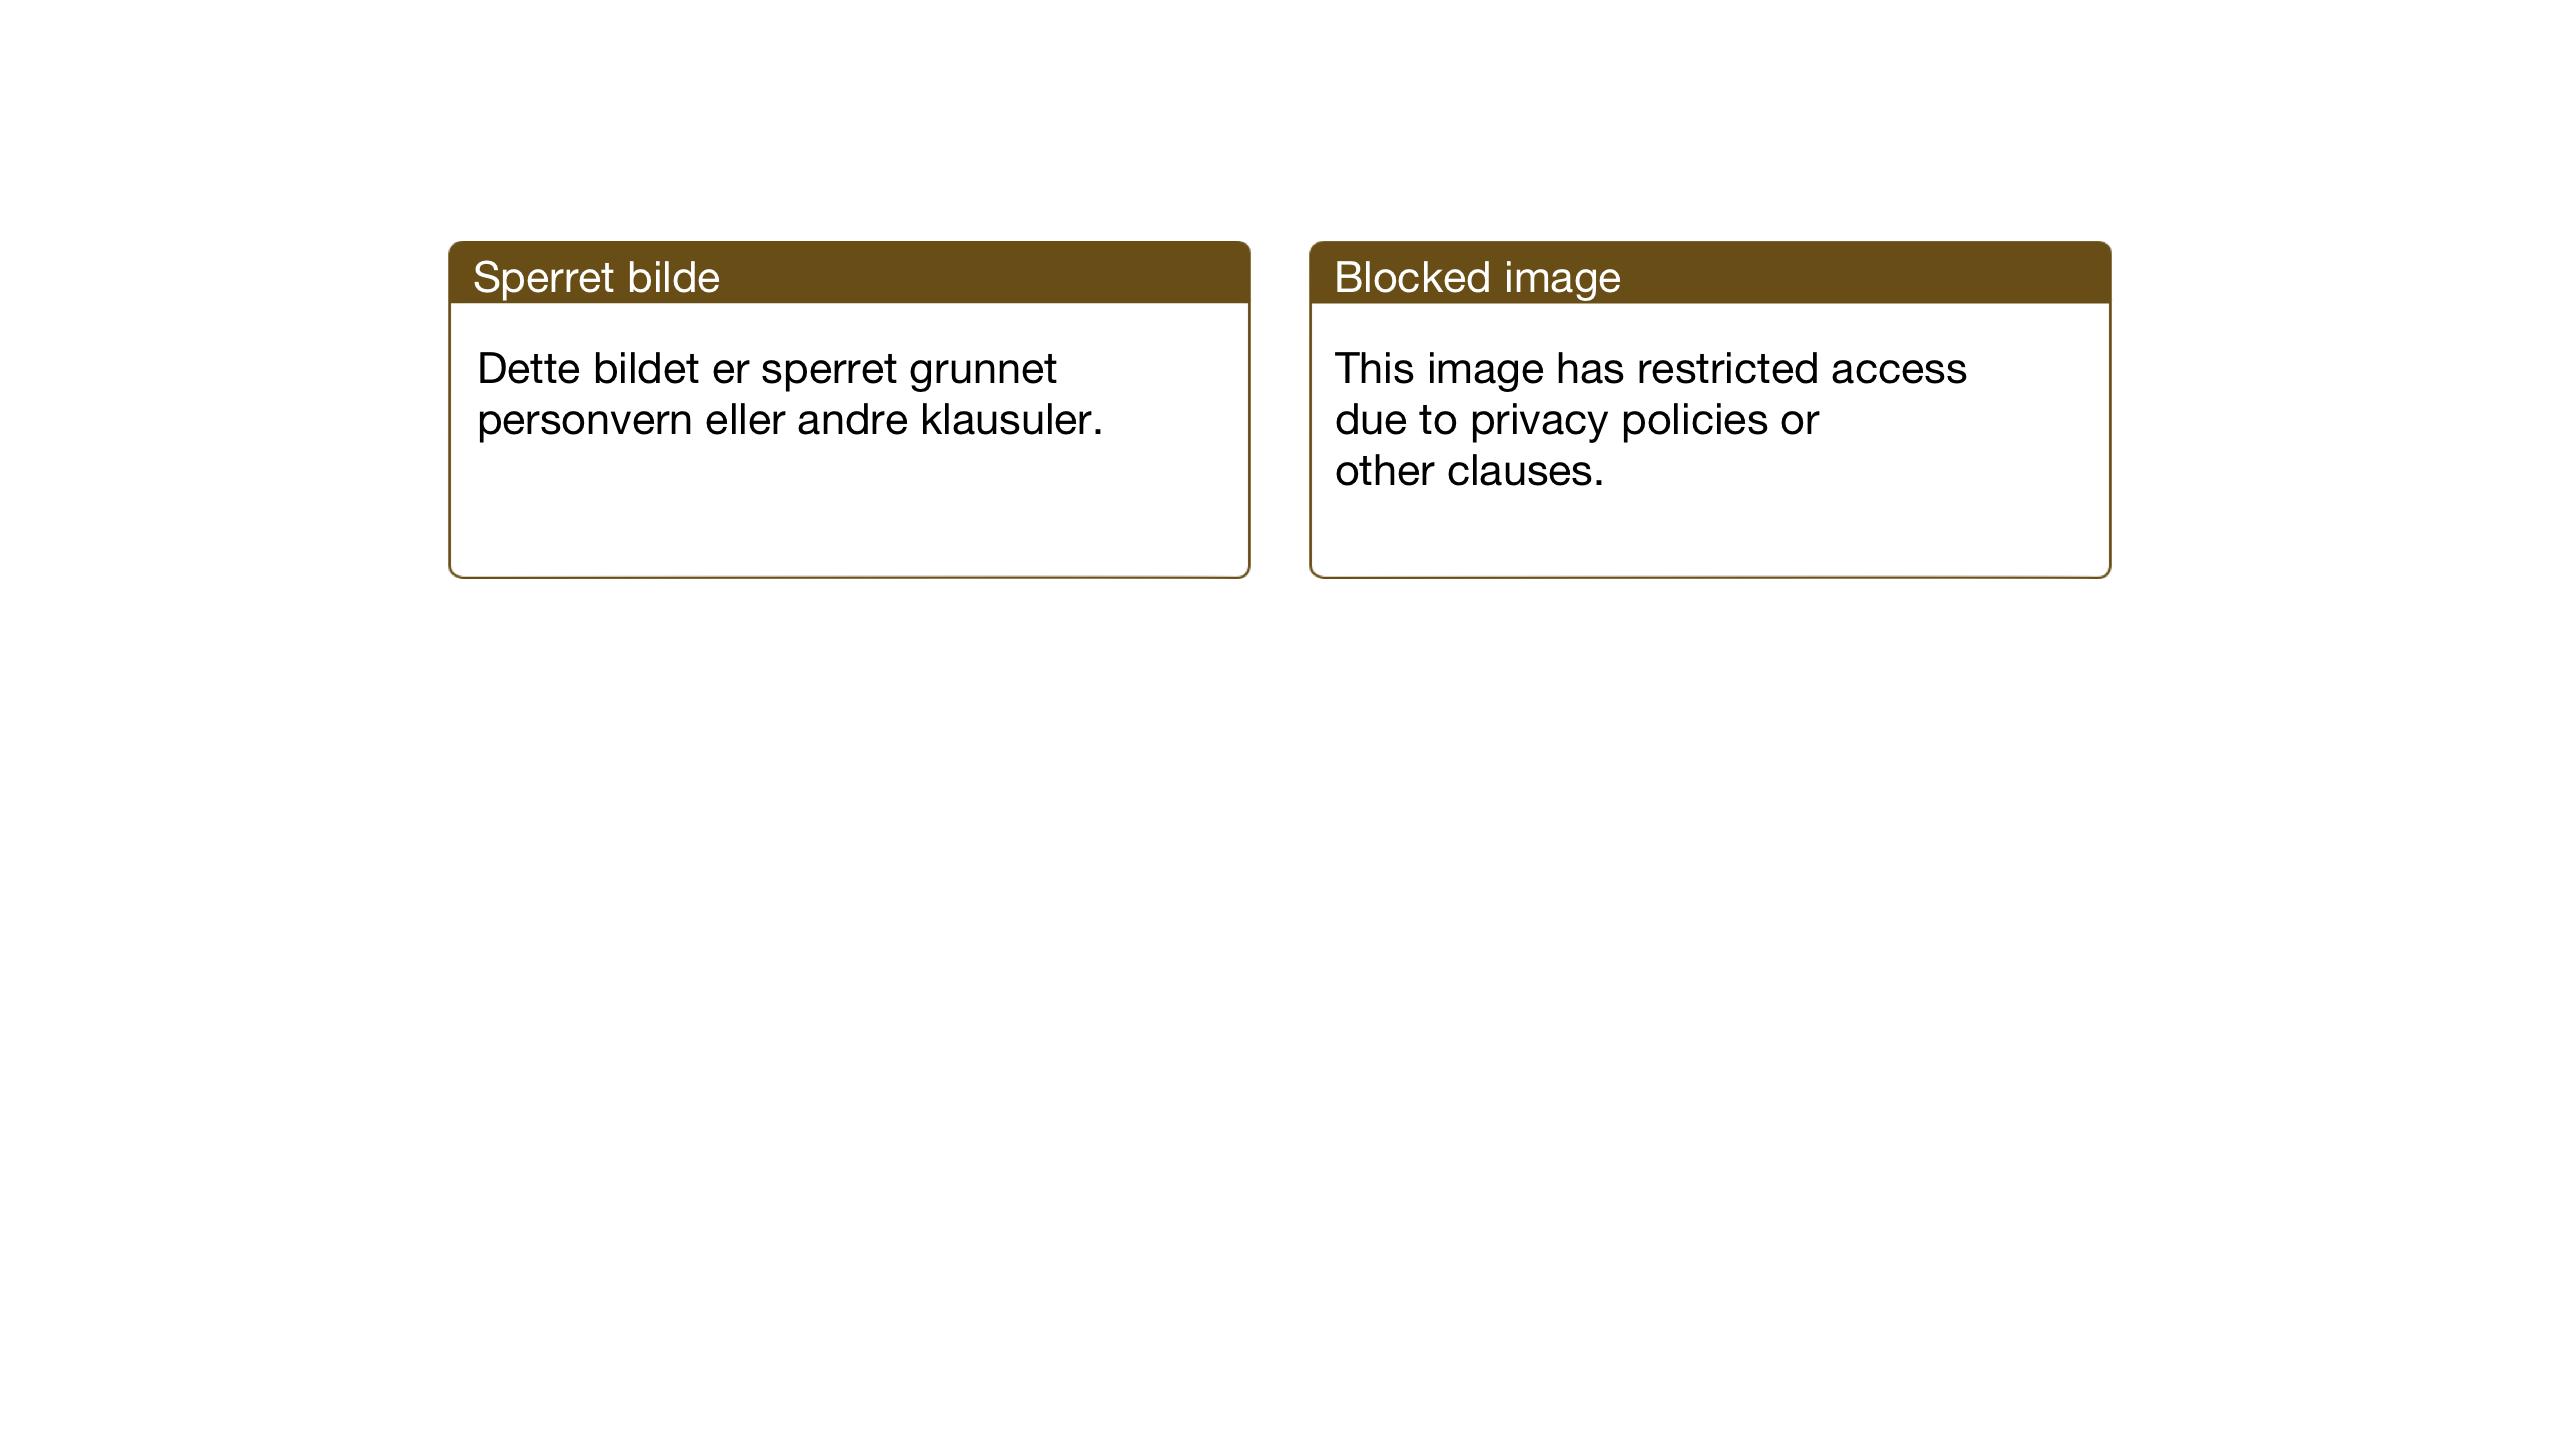 SAT, Ministerialprotokoller, klokkerbøker og fødselsregistre - Sør-Trøndelag, 618/L0454: Klokkerbok nr. 618C05, 1926-1946, s. 43